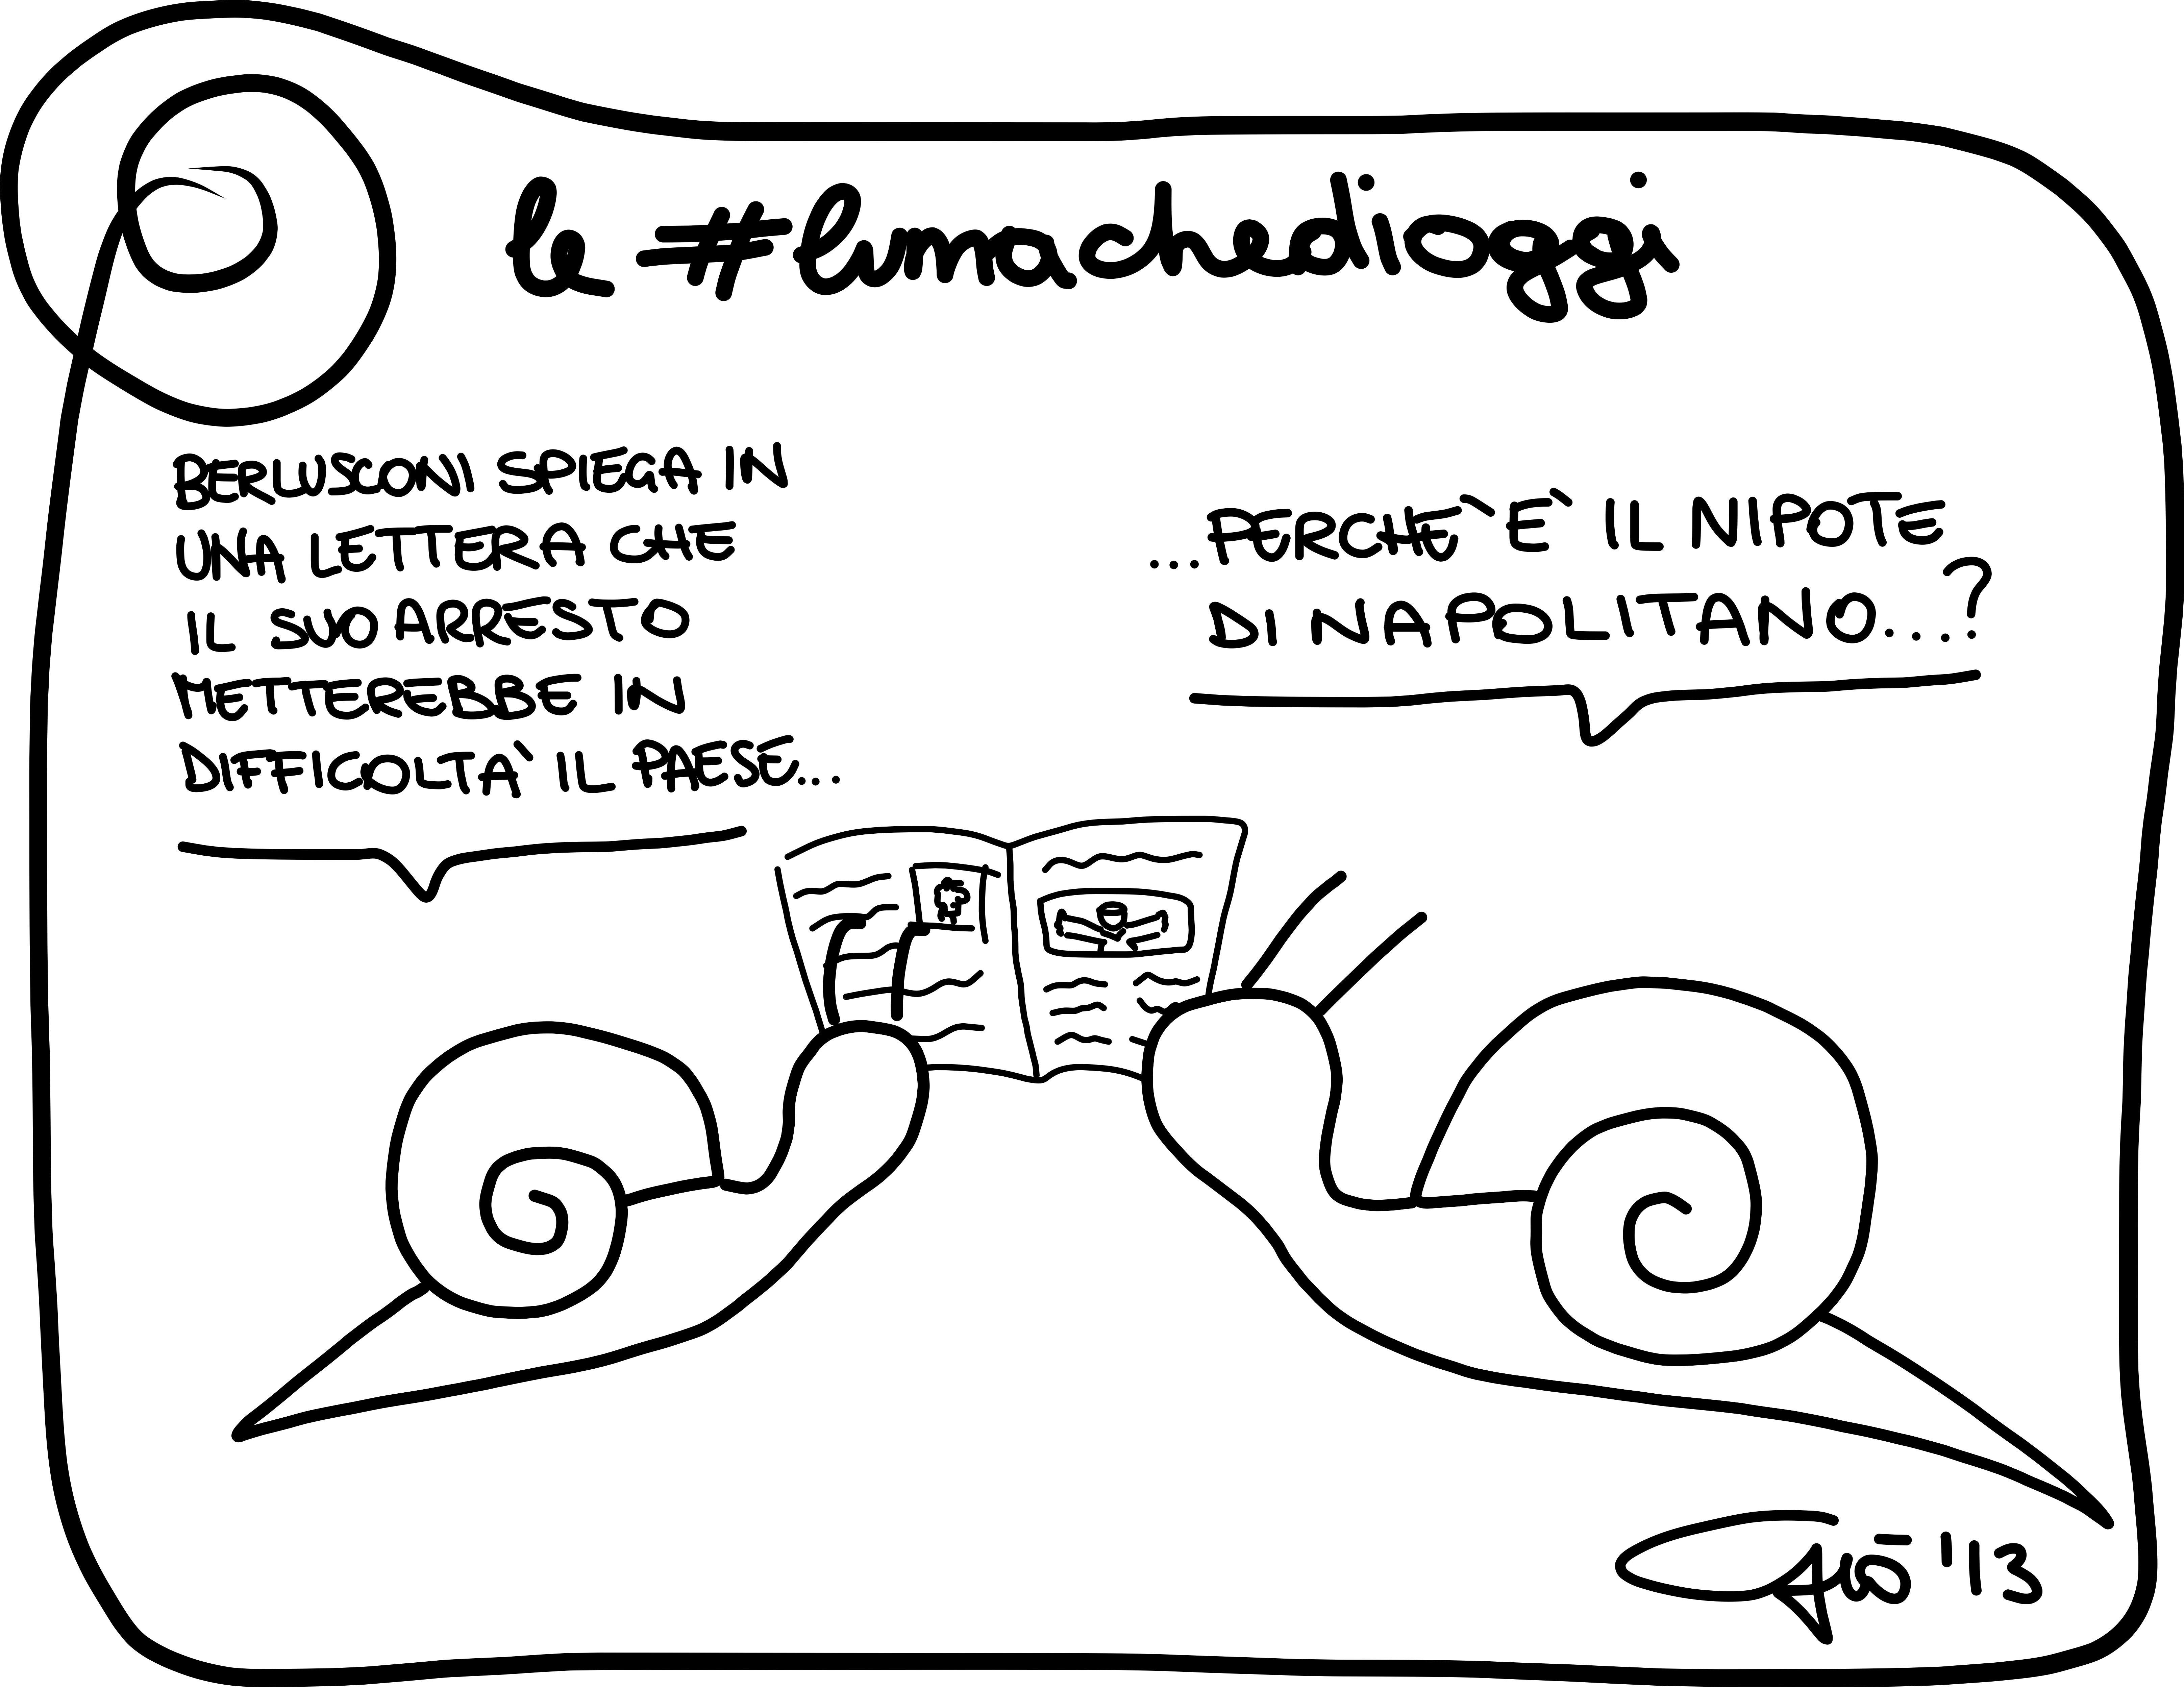 #lumachedioggi di Giovanni Laccetti del 26.11.2013